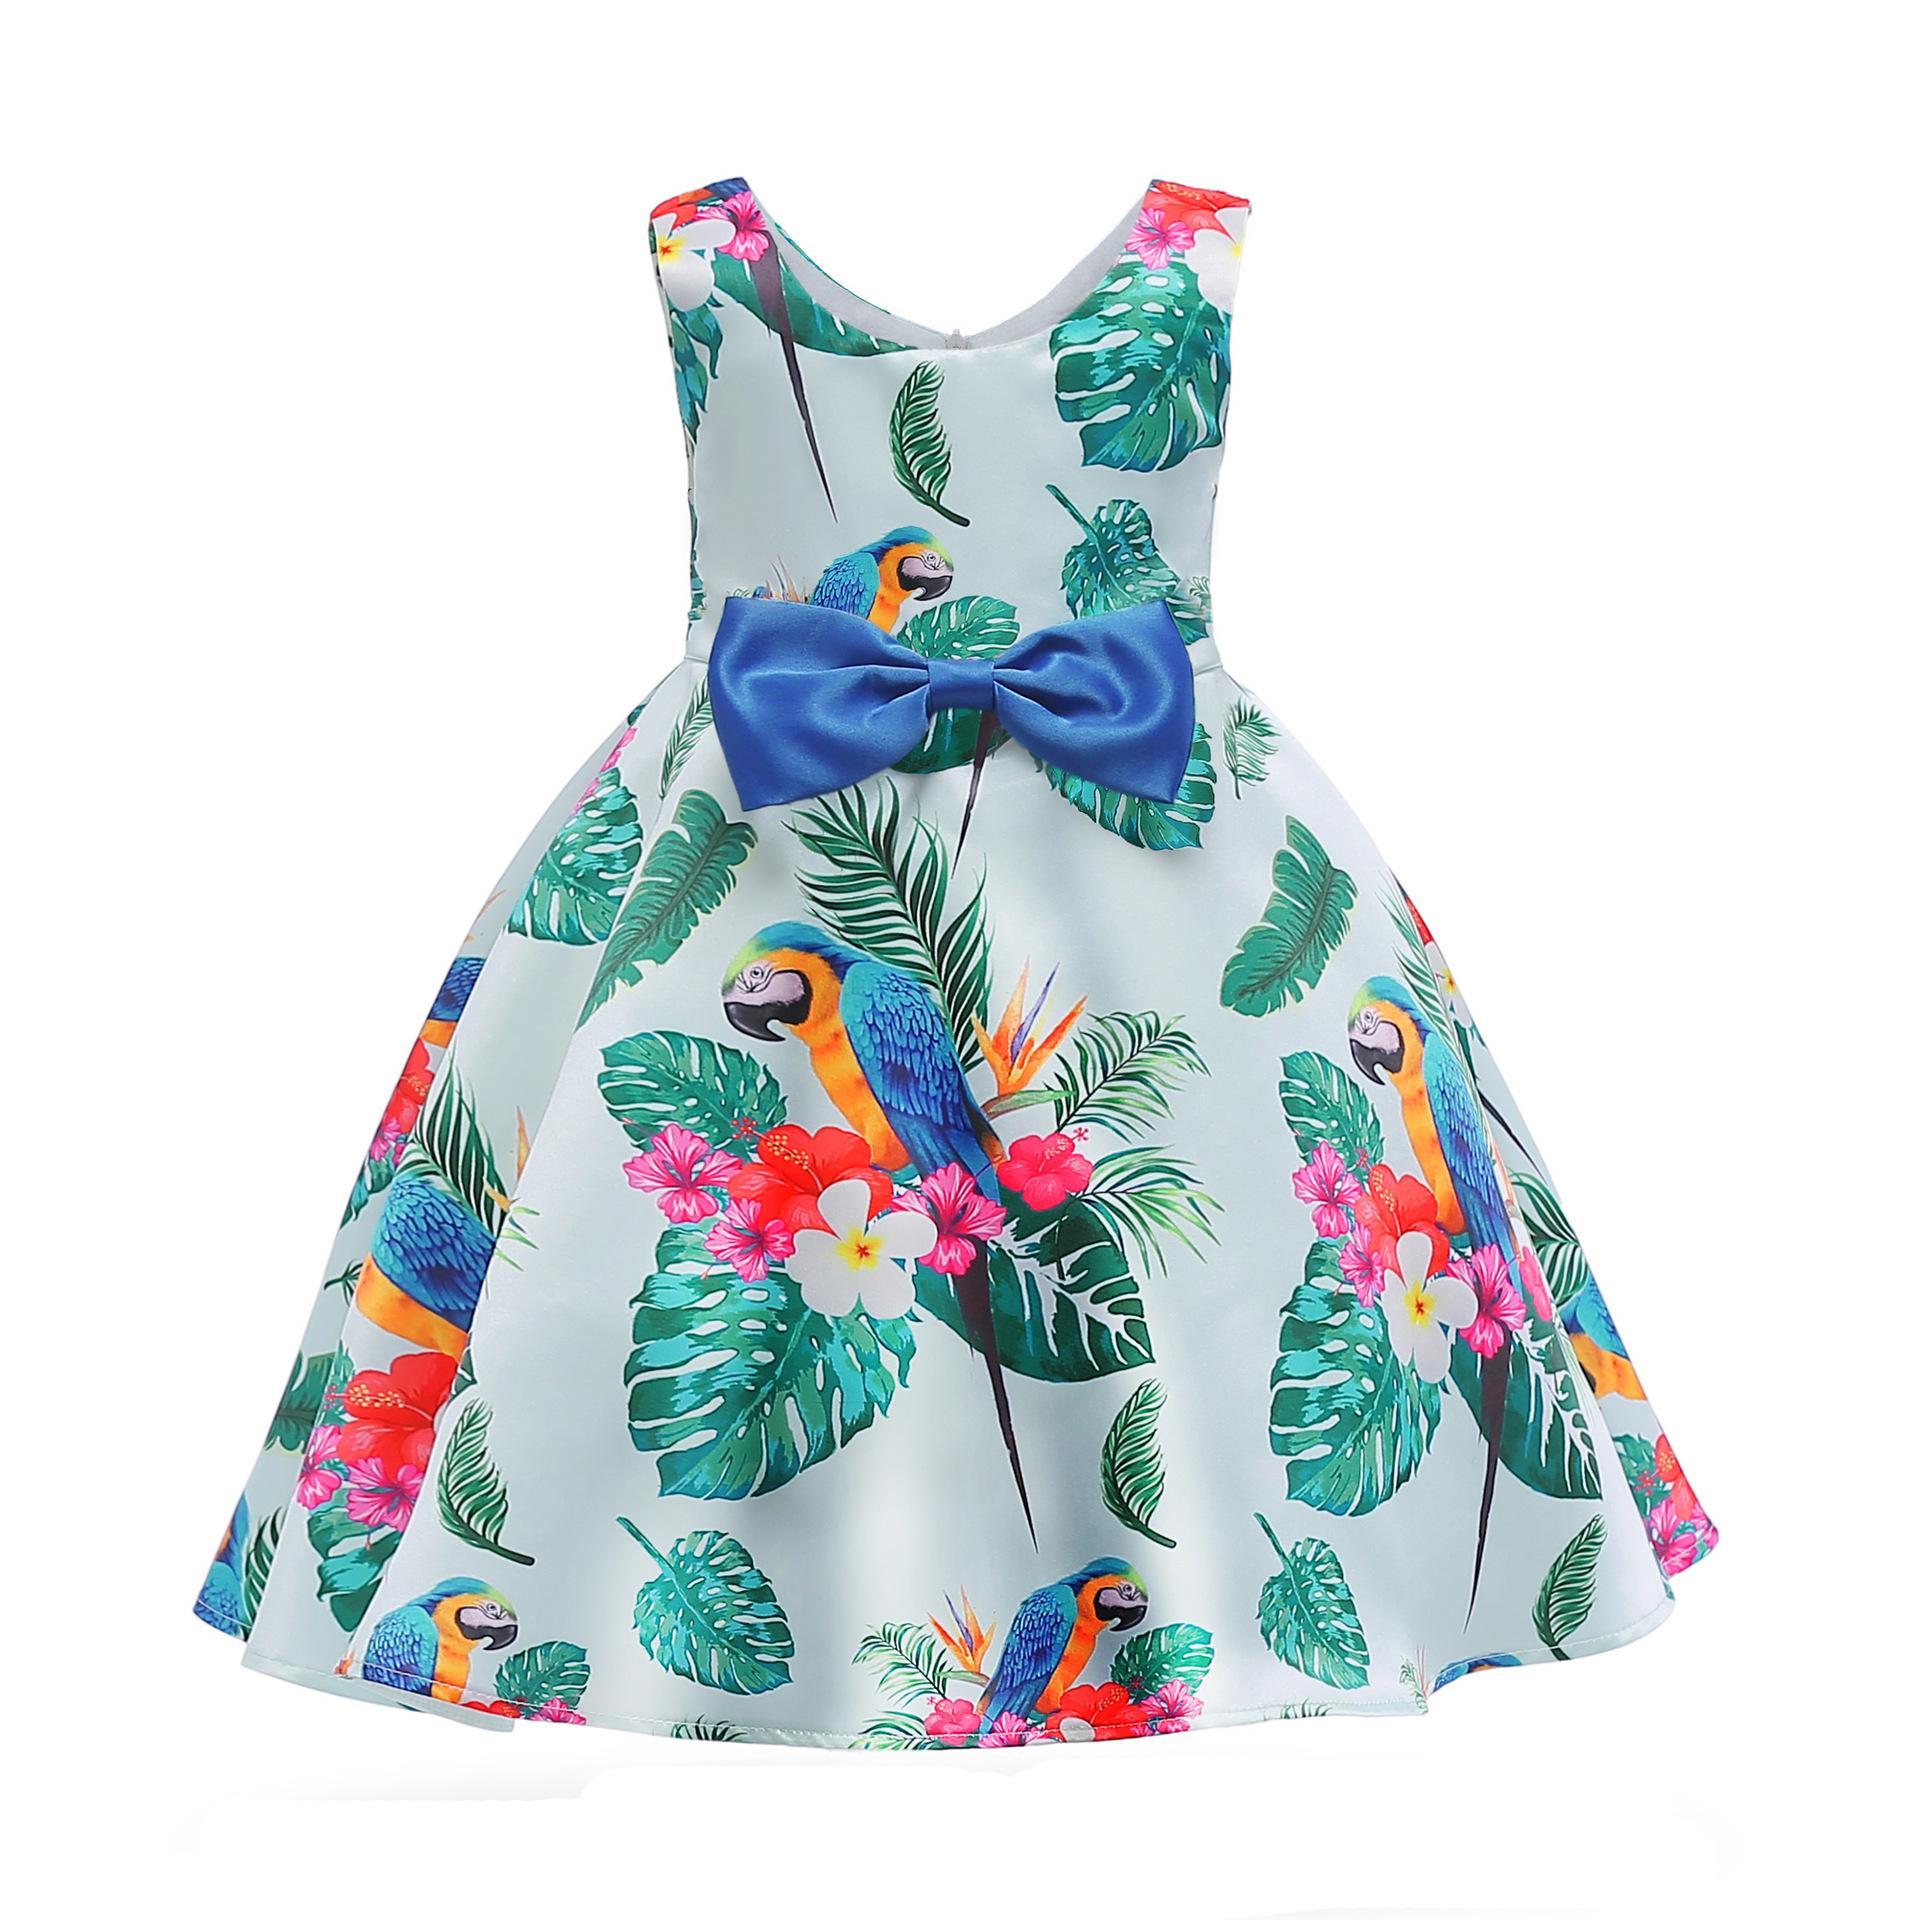 e99c17672af4 Acquista Vestiti Estivi Bambini Pappagallo Stampato Vestito Ragazze Abito  Senza Maniche Princess Abbigliamento Bambine Grandi 100 150 Cm A  8.45 Dal  ...